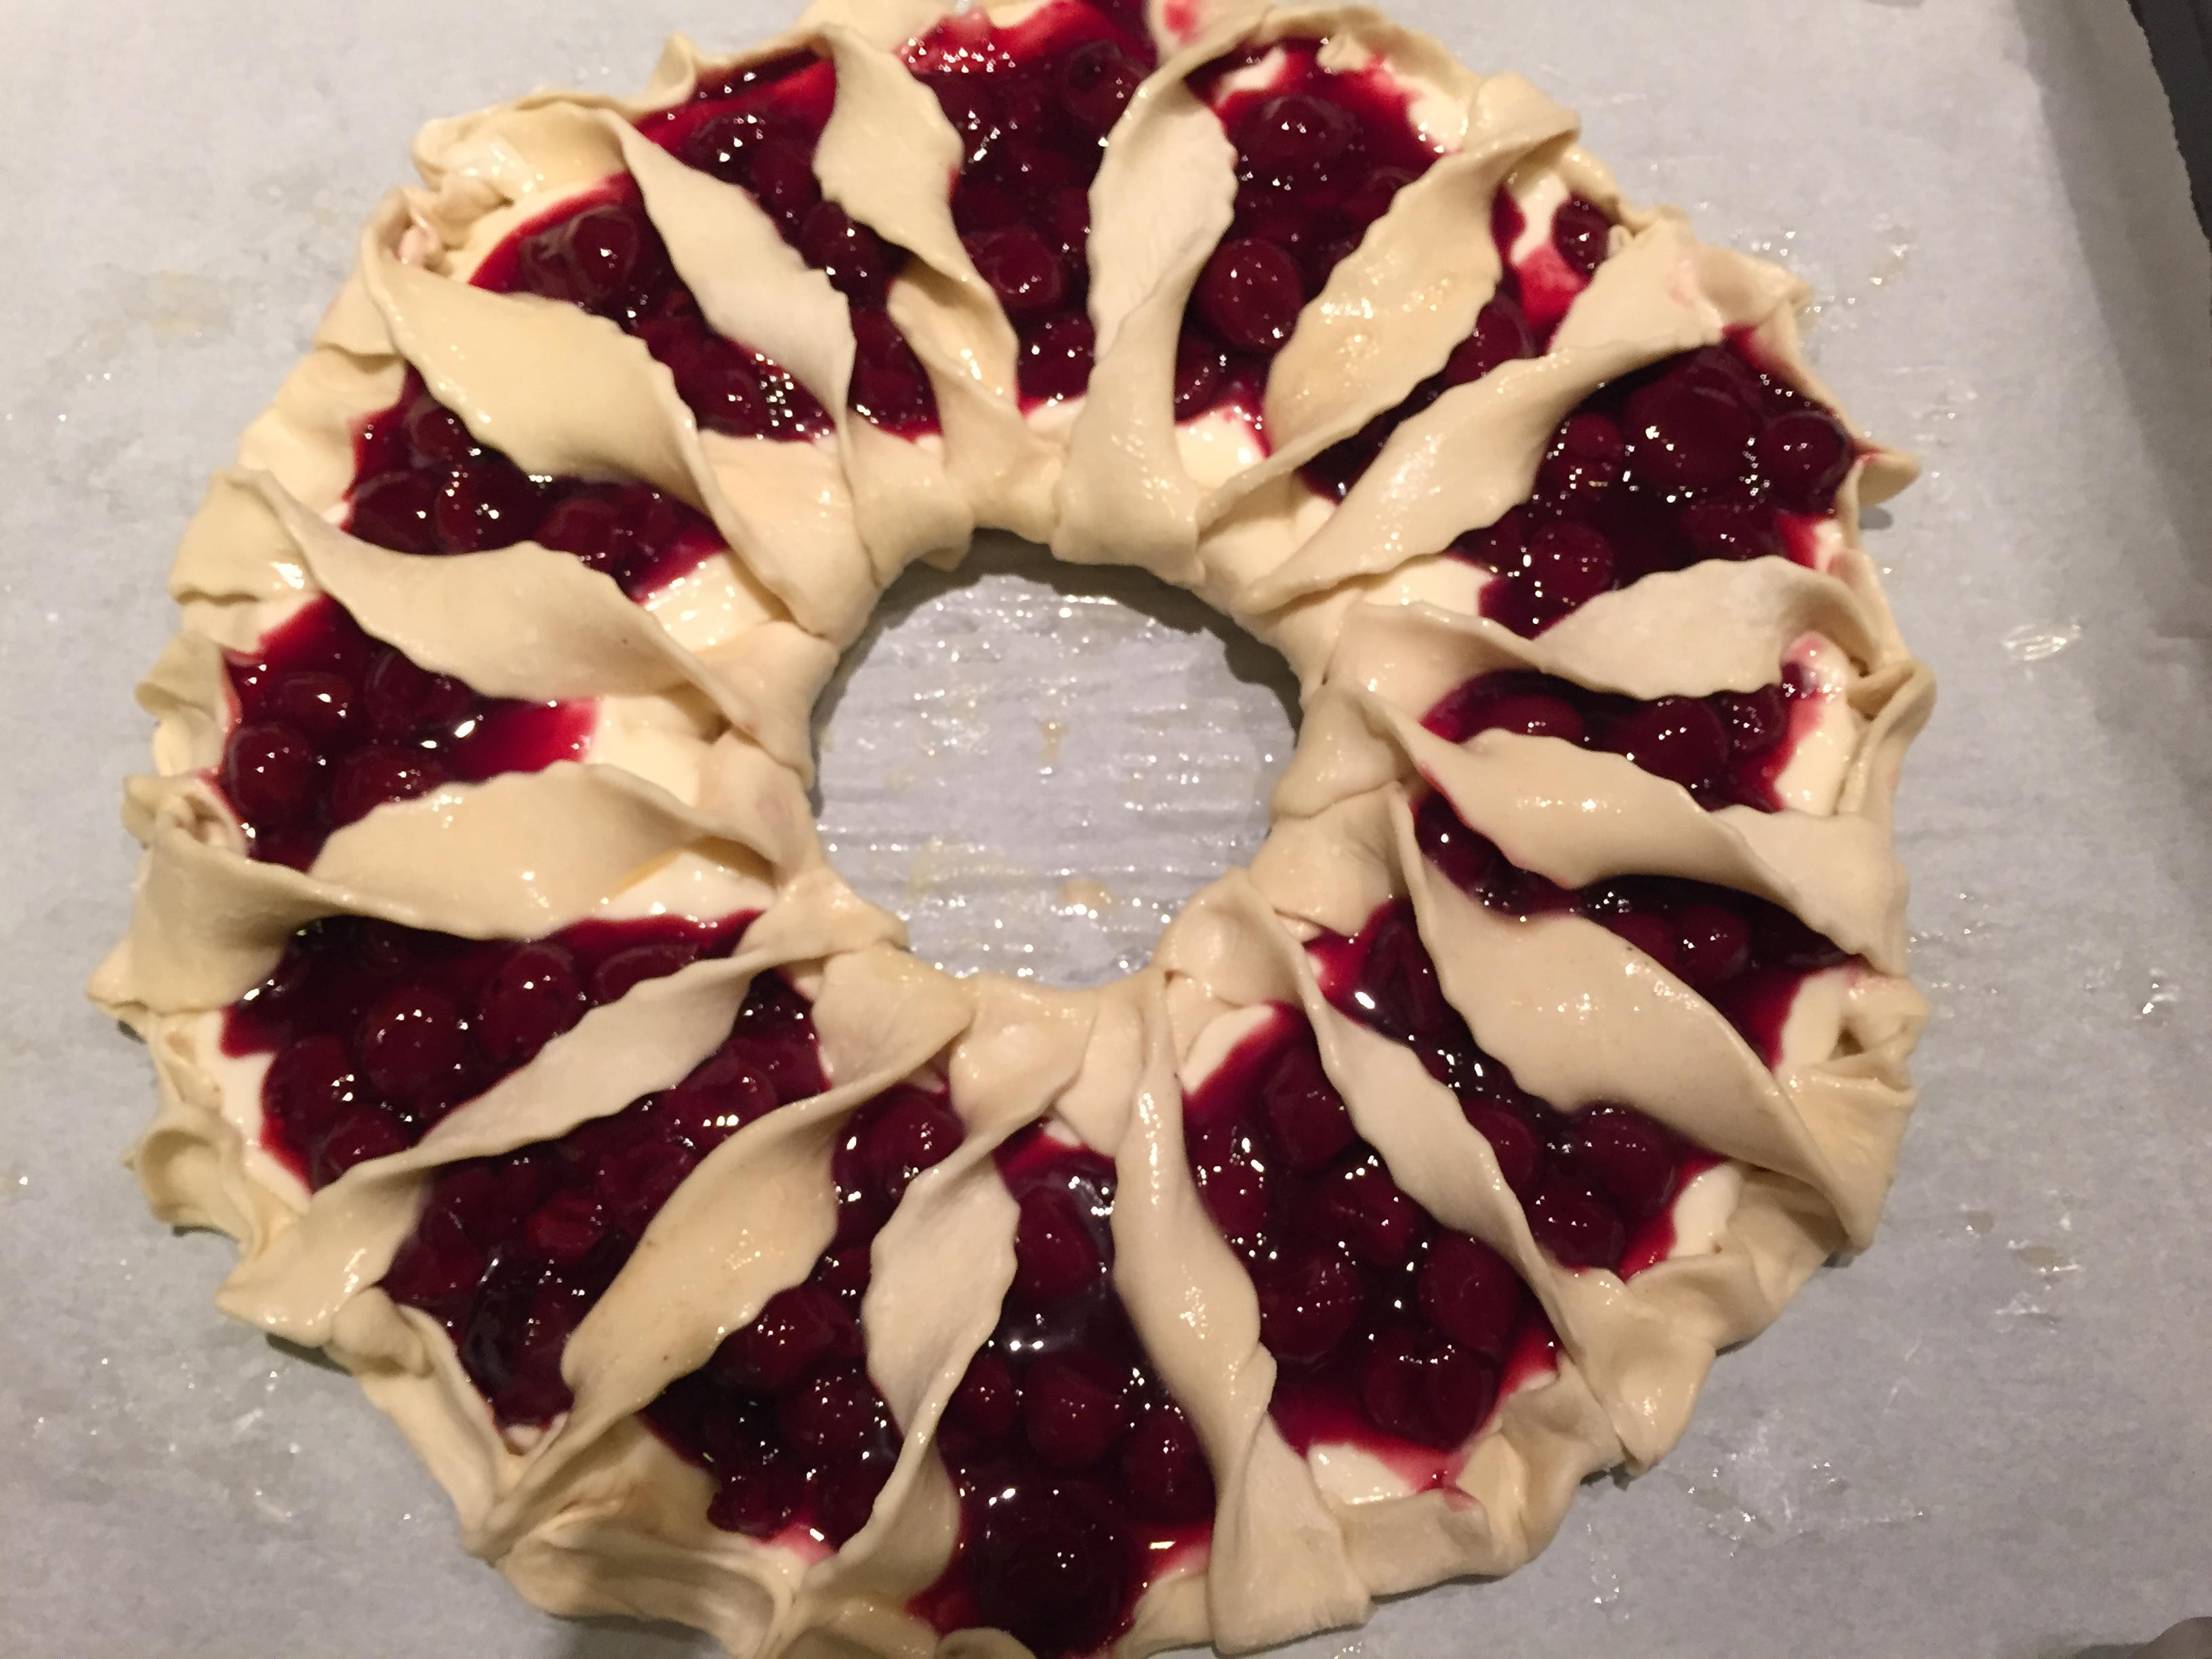 εύκολο cheesecake κορώνα με σφολιάτα χωρίς ζάχαρη από την Αργυρώ Μπαρμπαρίγου